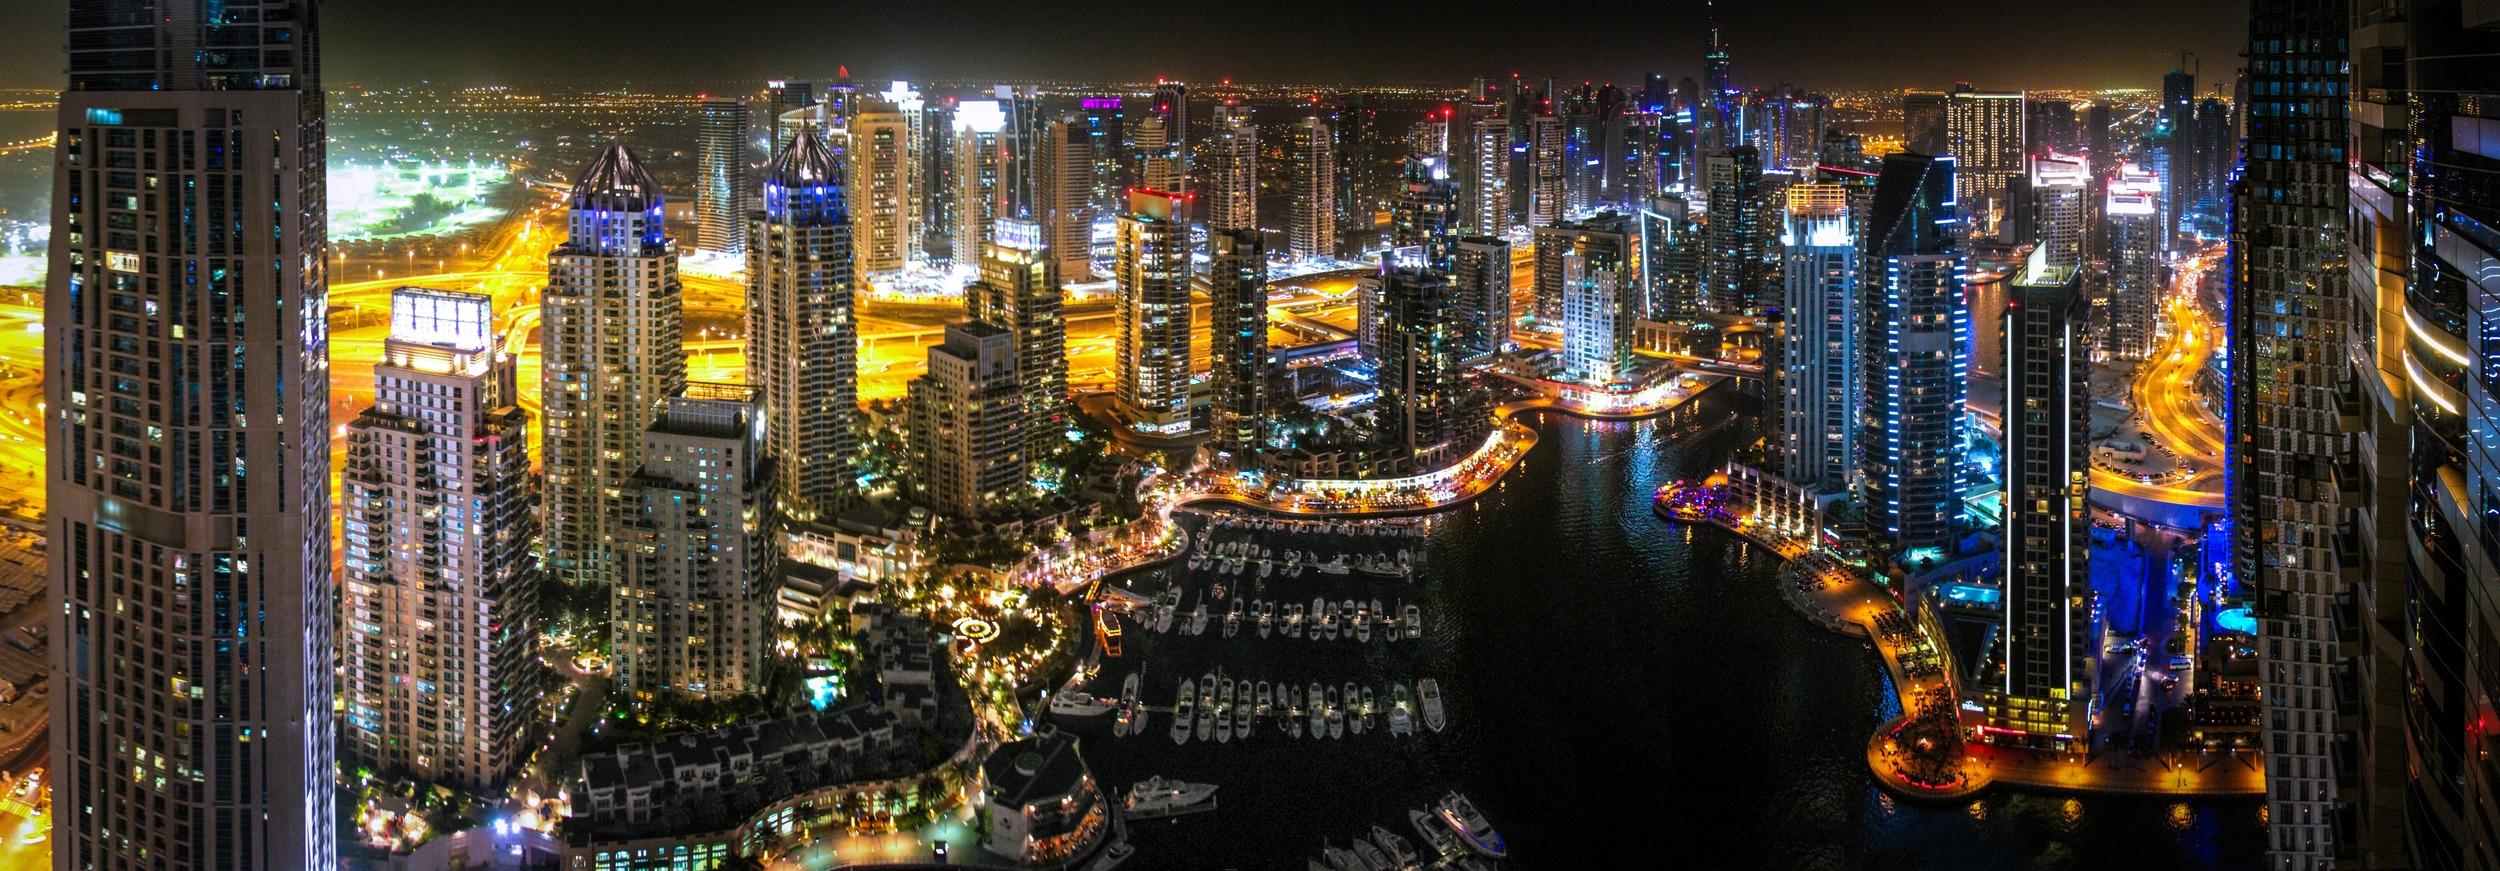 Dubai Marina_Panorama_NIGHT_edit1.jpg